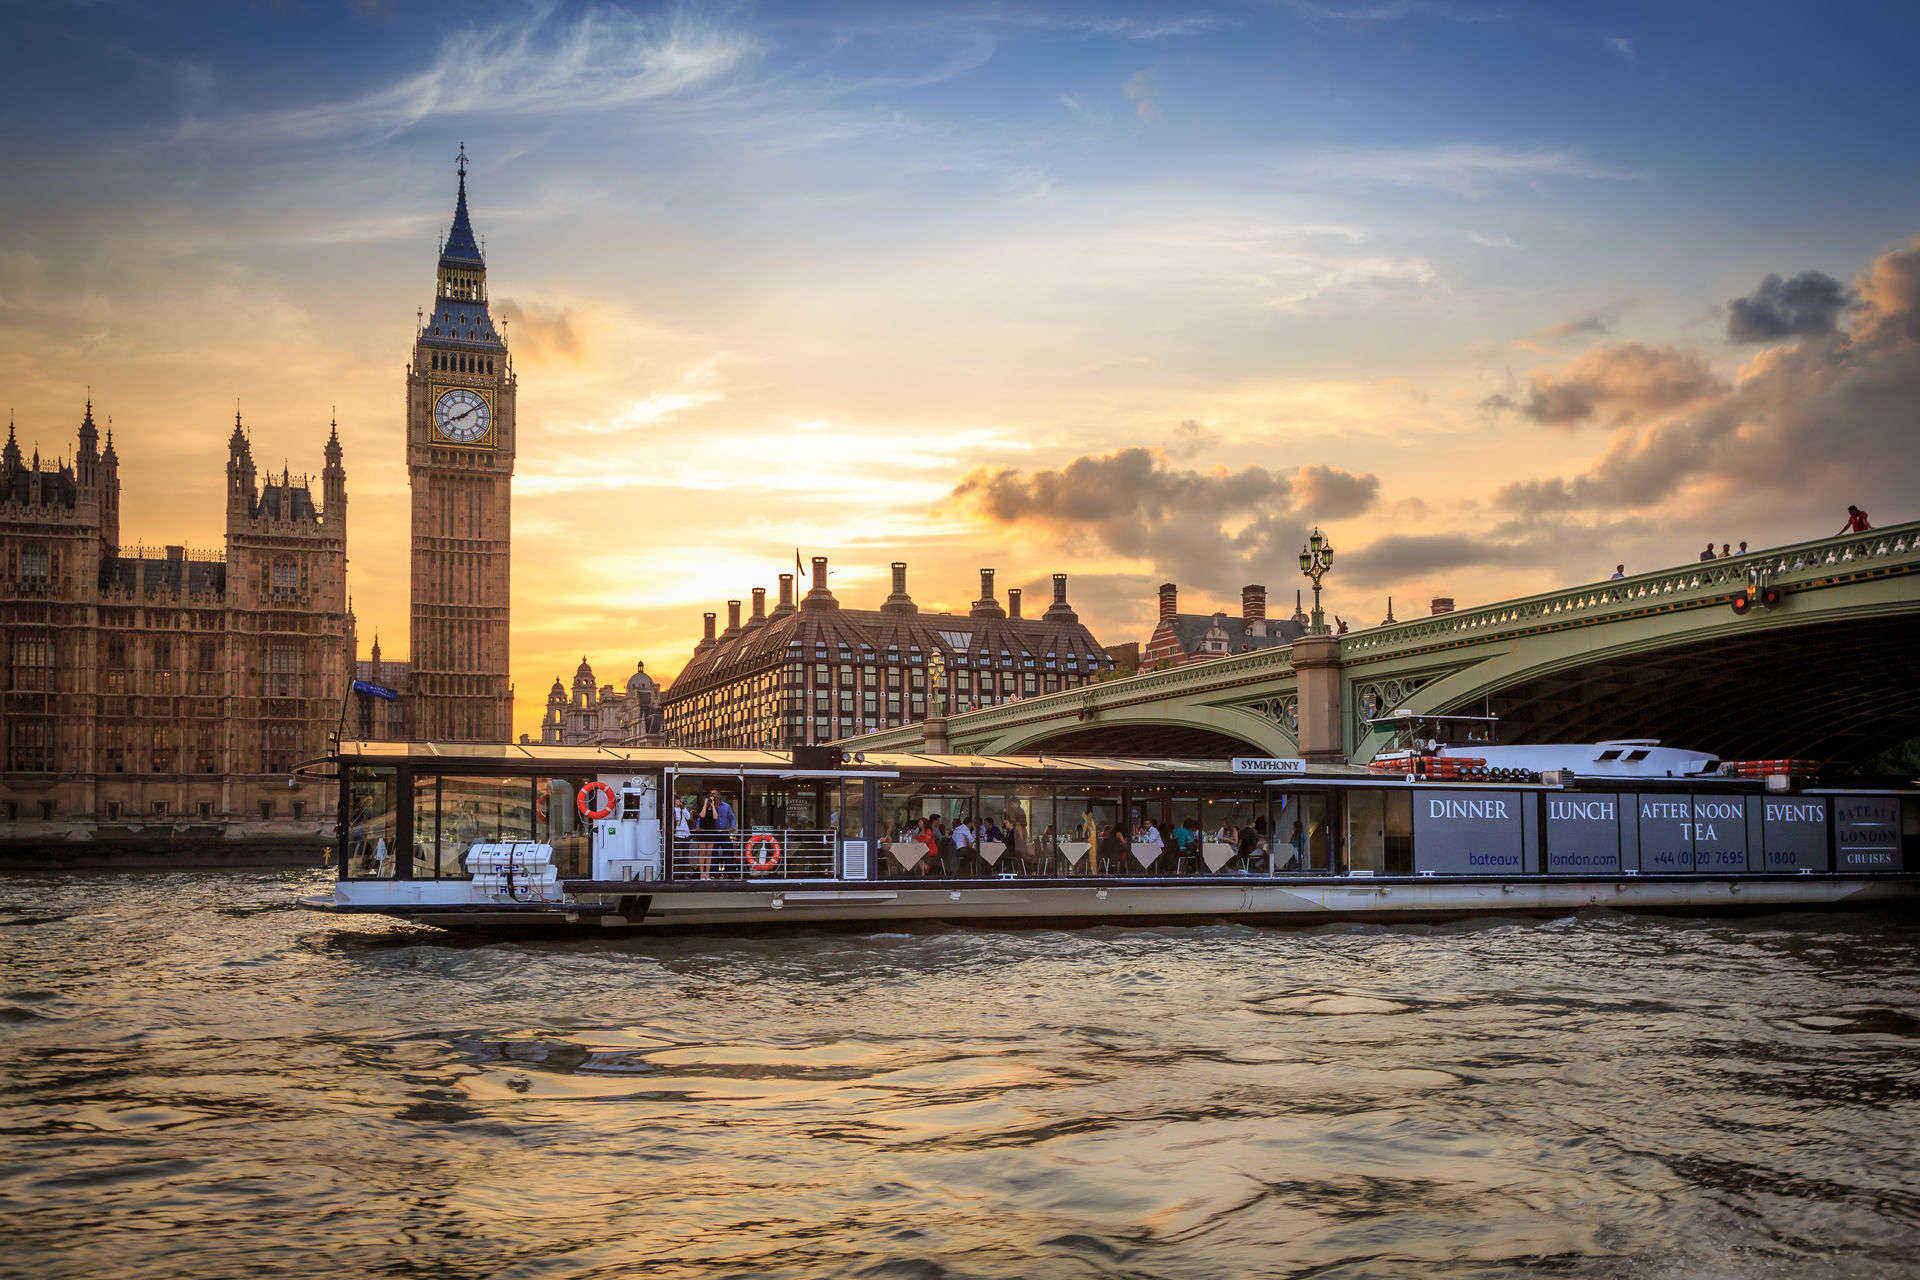 Bateaux London テムズ川ディナークルーズ